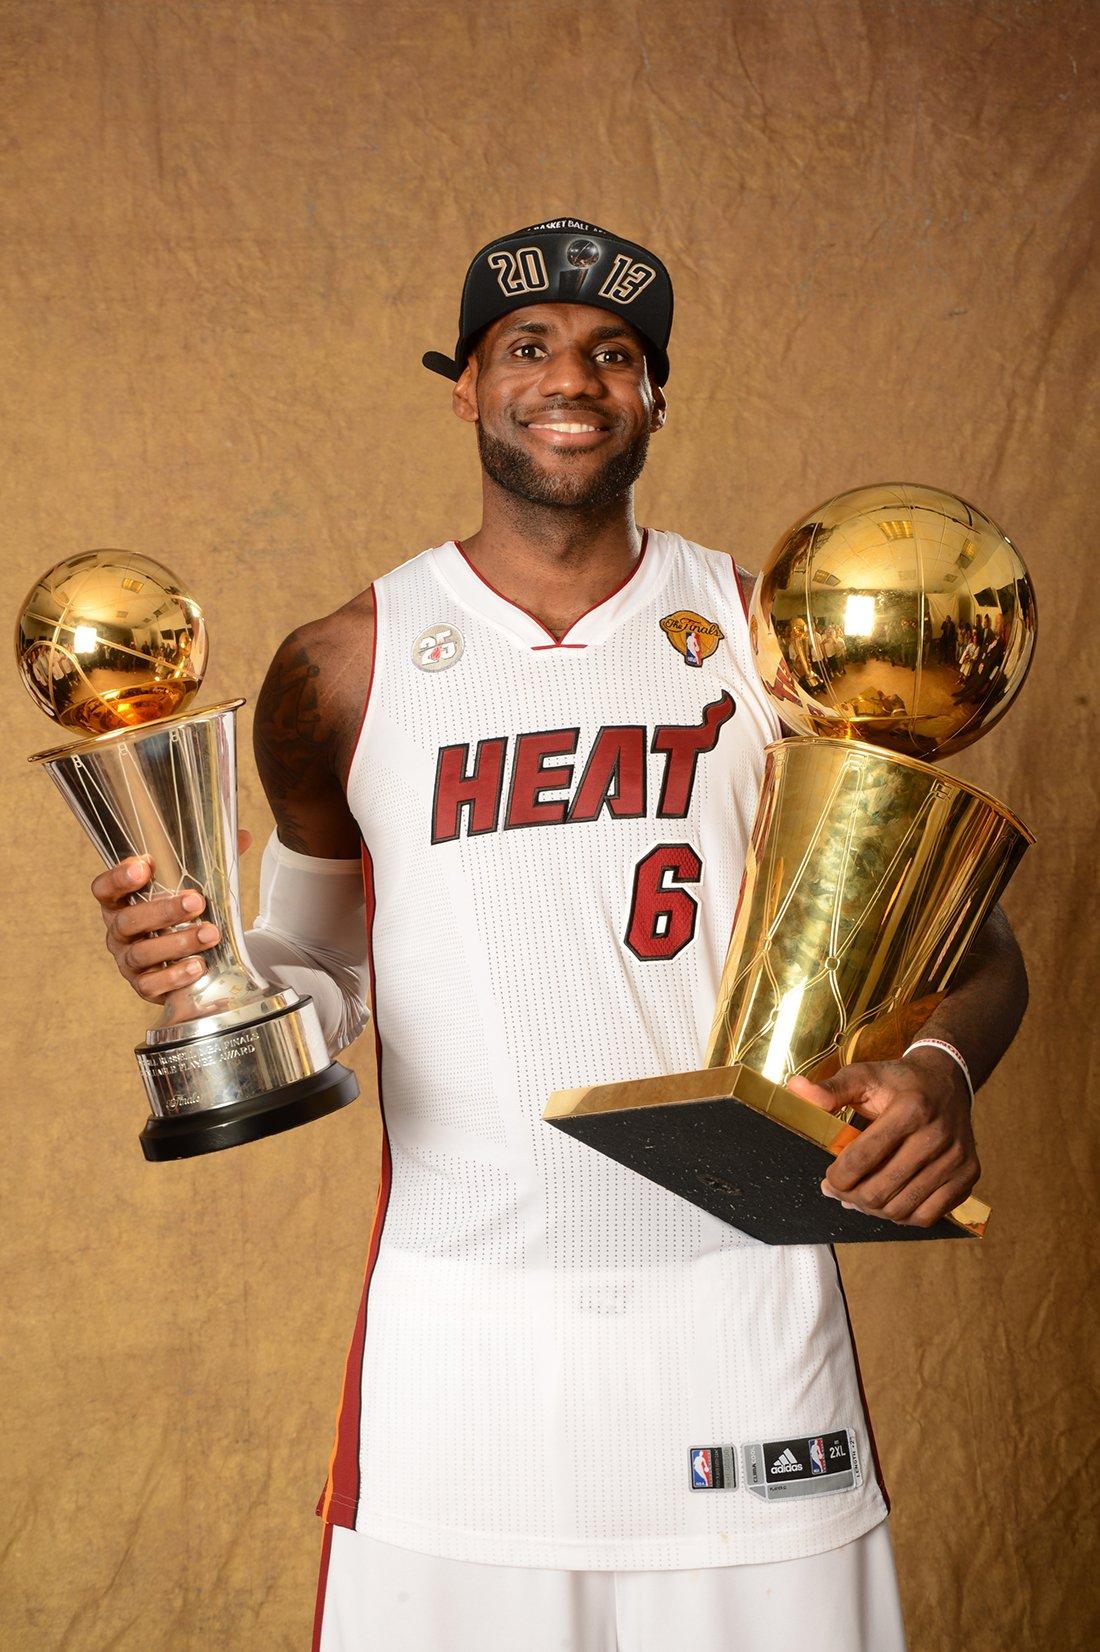 30 curiosidades de LeBron James por su cumpleaños de 3o años en viva basquet